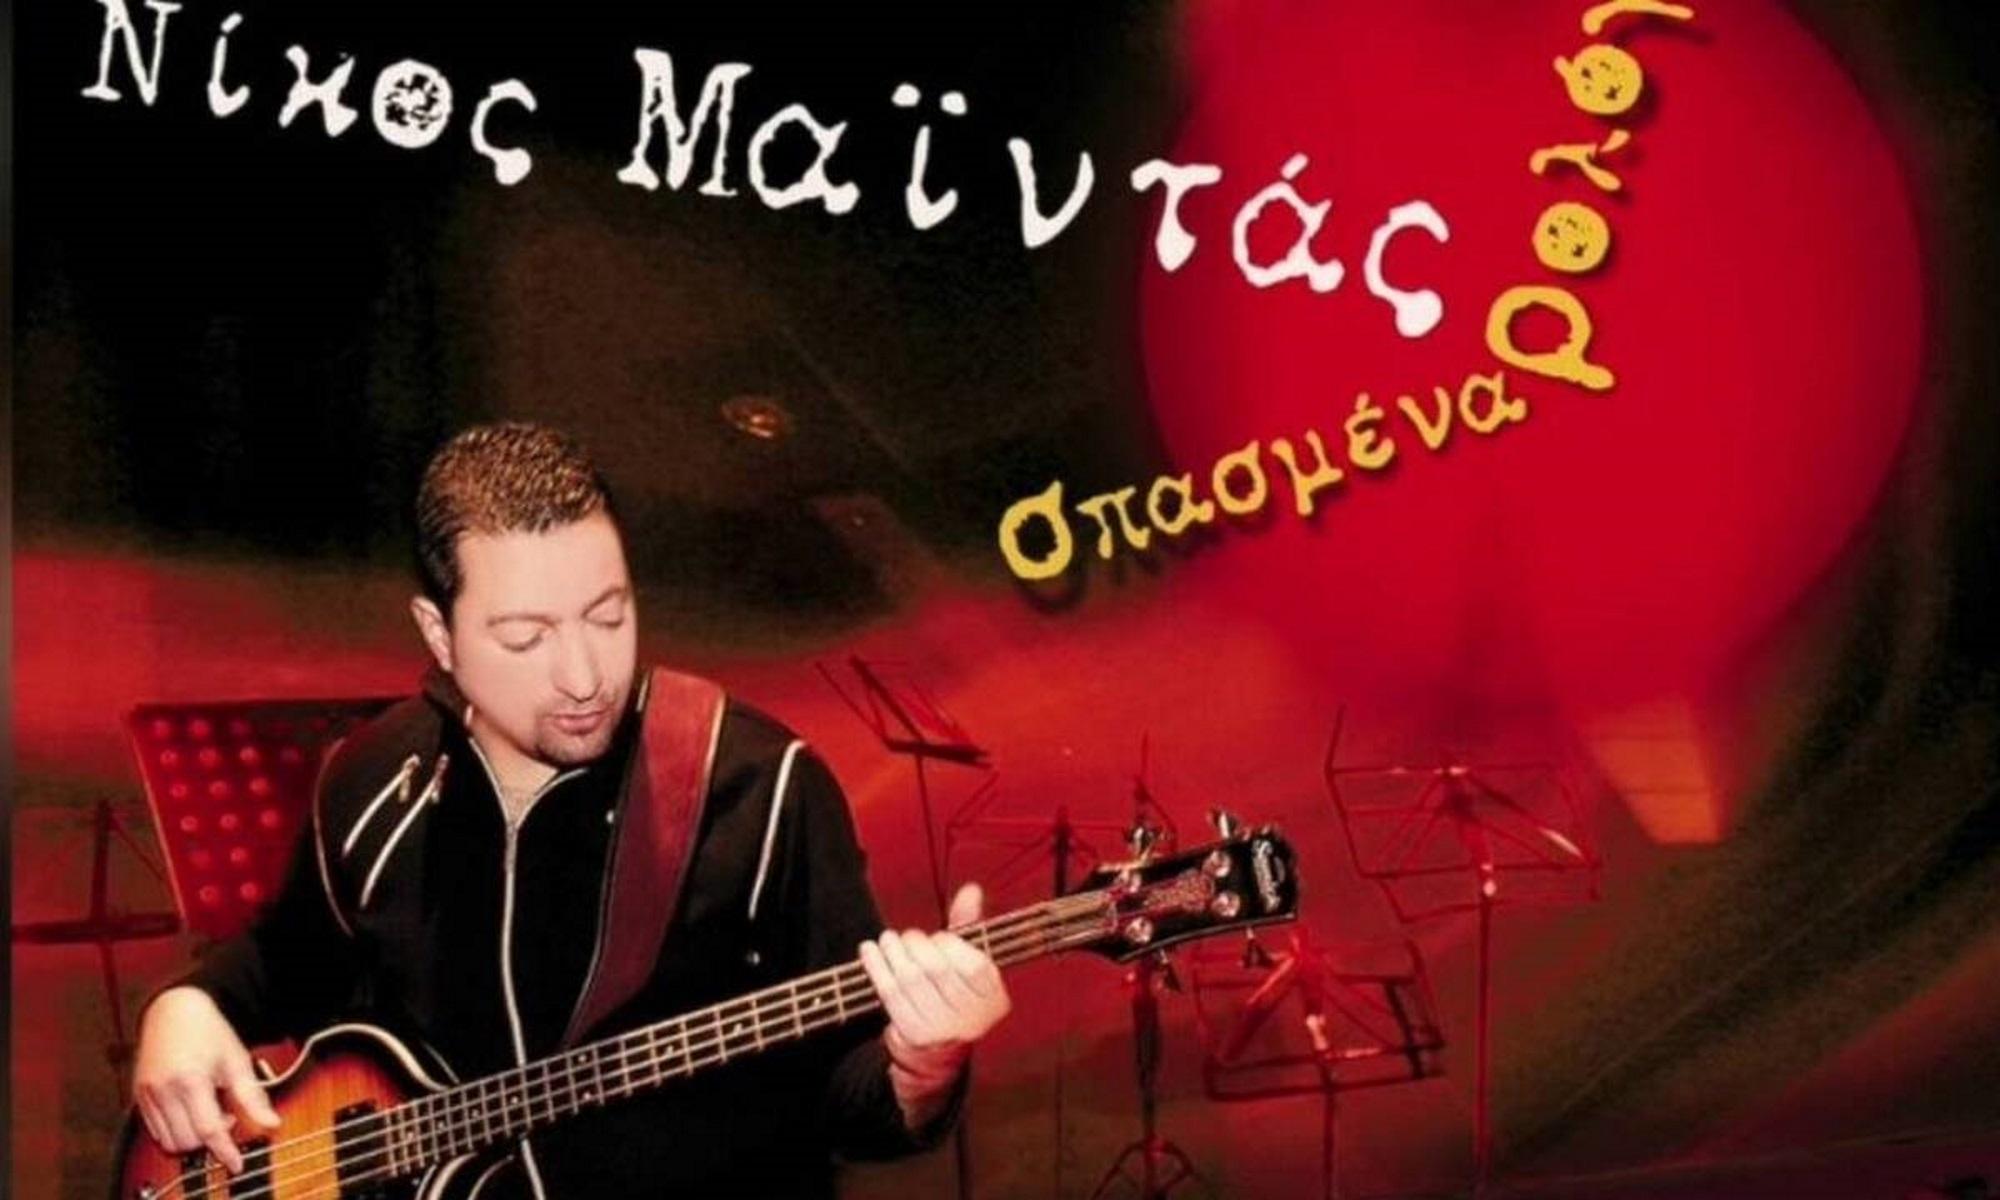 Πέθανε ο πρώην τραγουδιστής των «Magic De spell» Νίκος Μαϊντάς